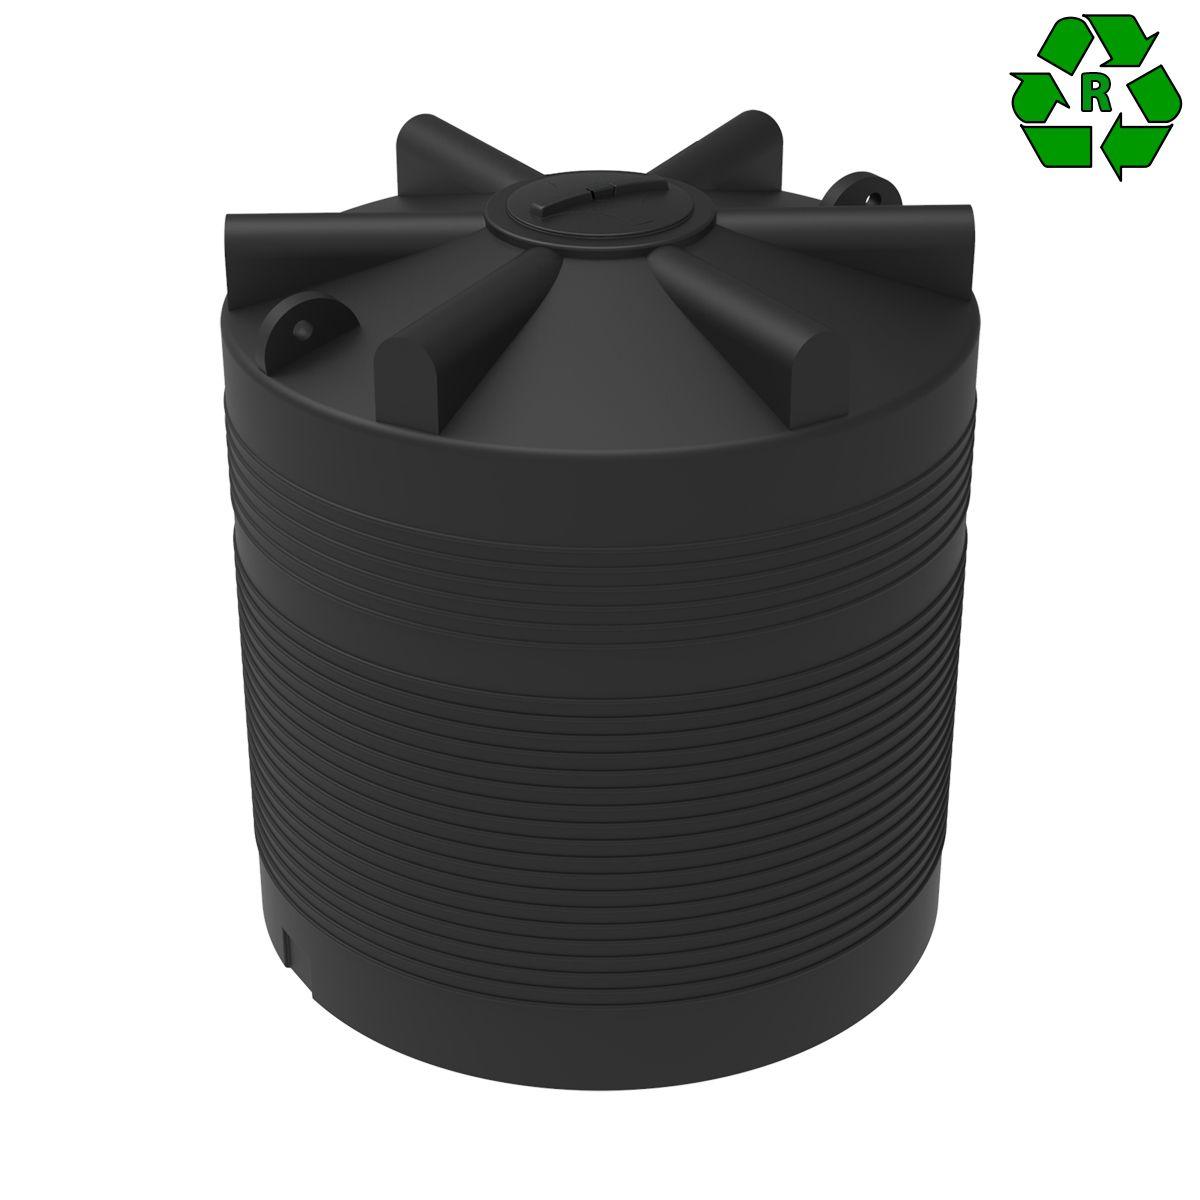 Емкость R ЭВЛ 5000 литров пластиковая